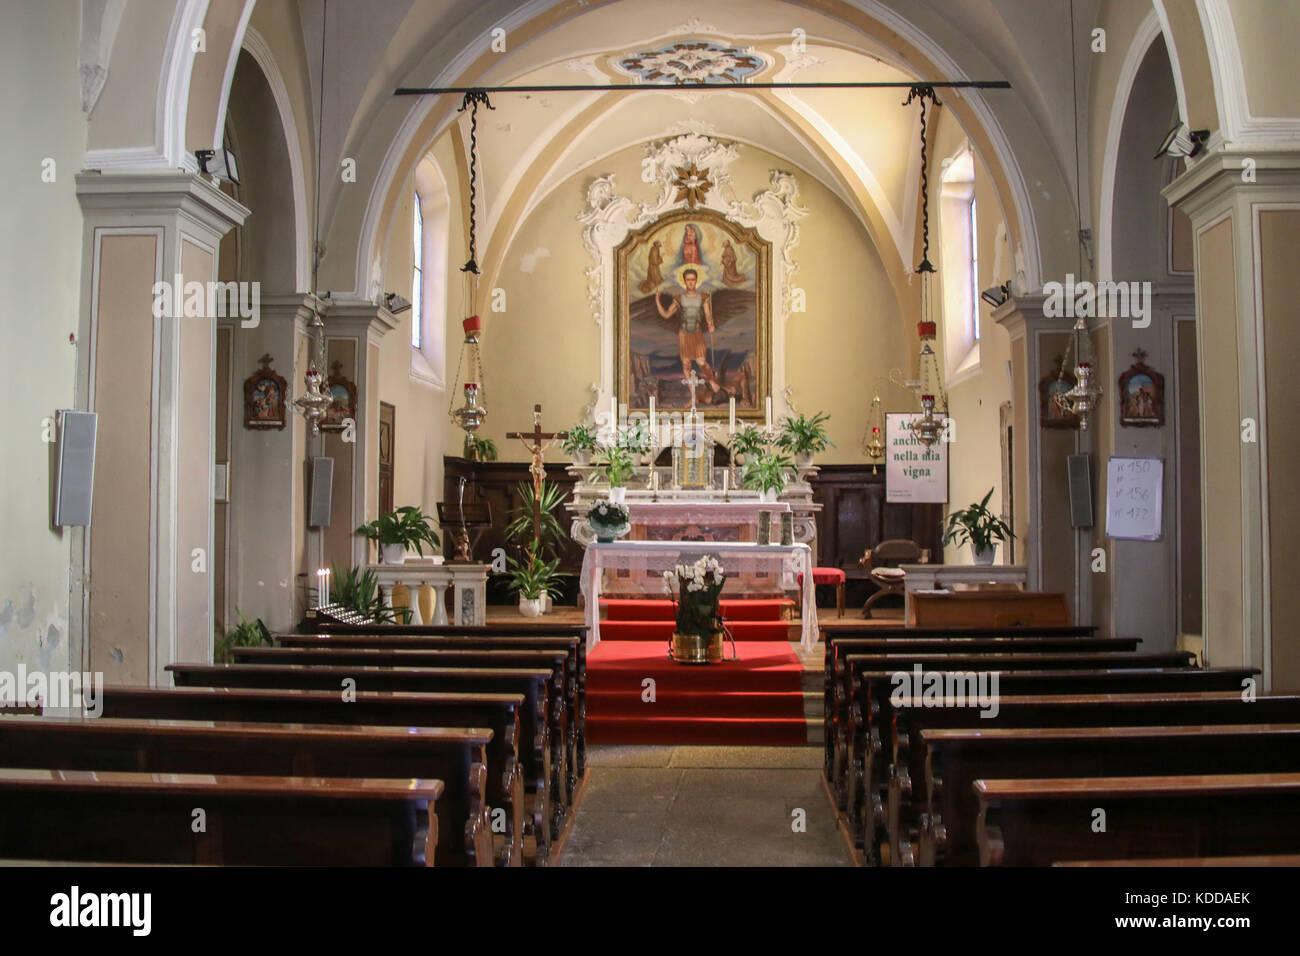 Dorf Kapelle in mezzolago/der Gardasee (Lago di Garda) mit Fischlocker bilderbuchlandschaft ist der groesste siehe Stockbild